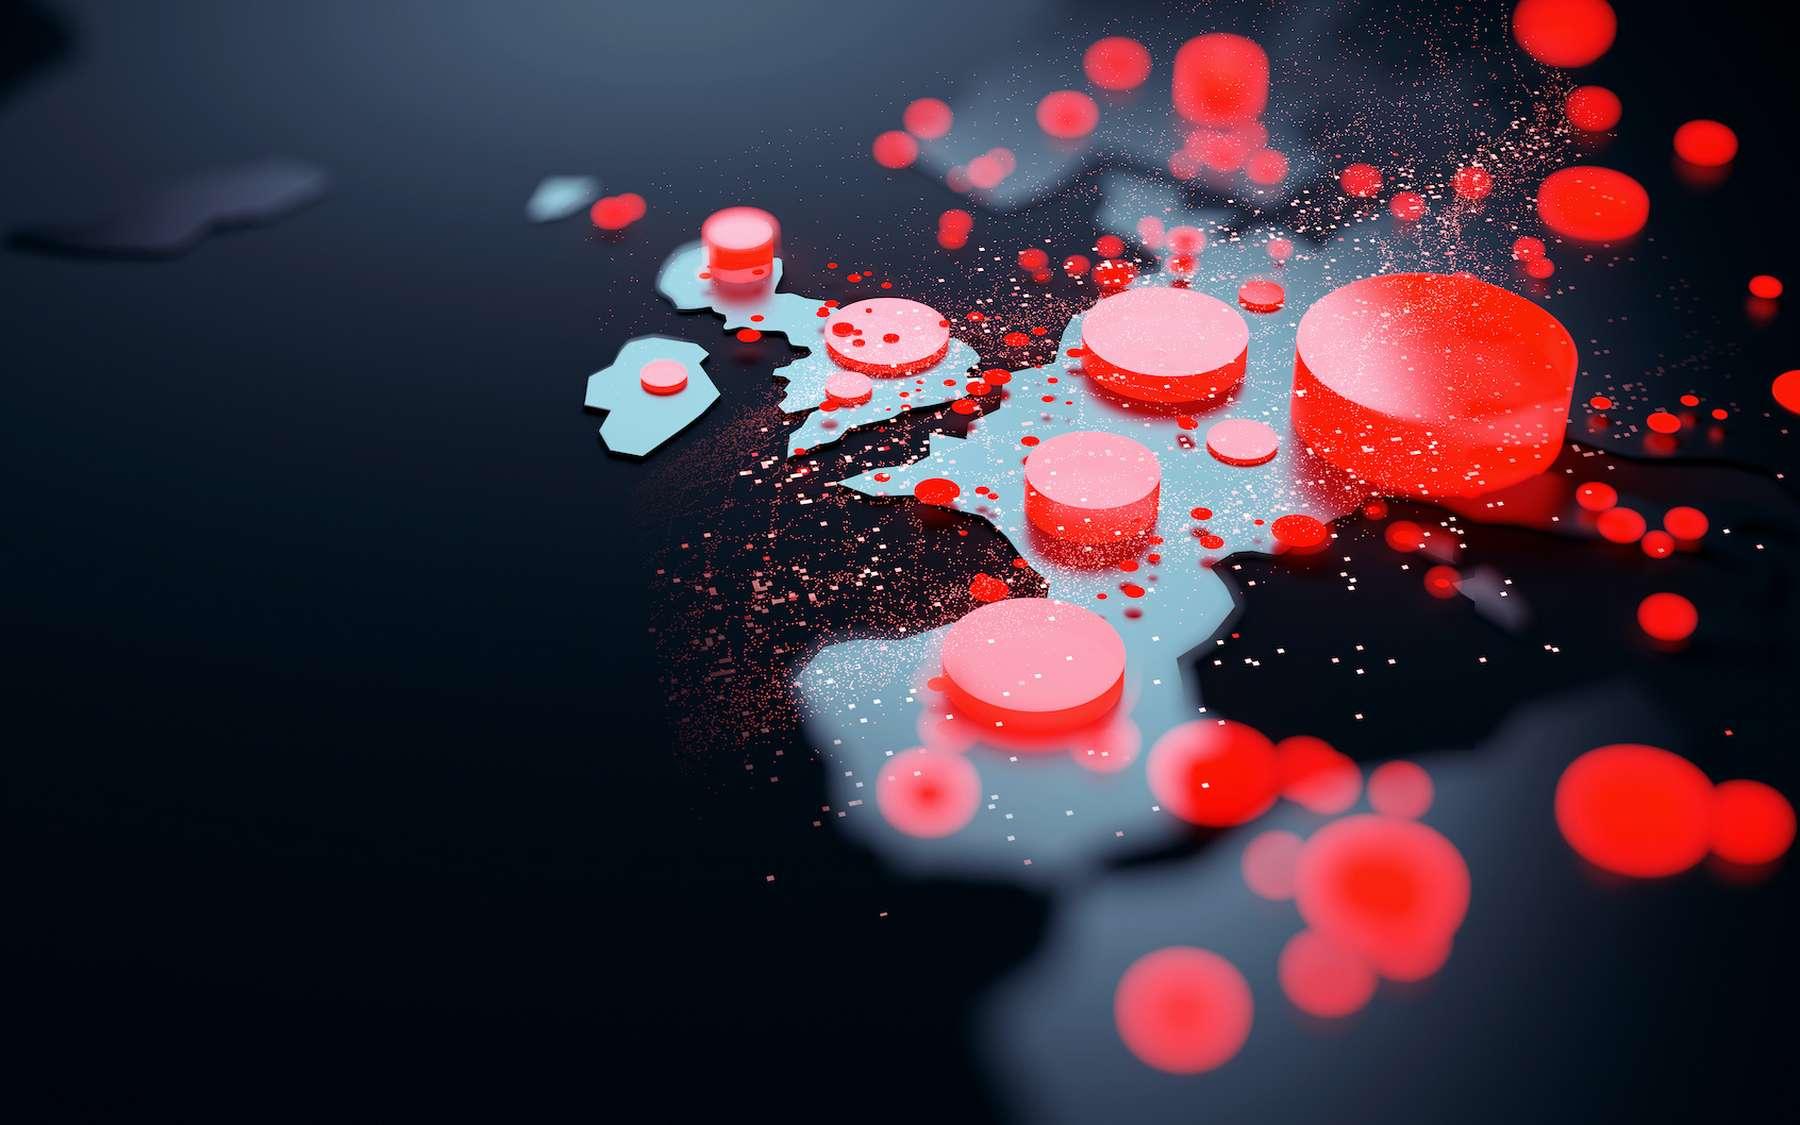 Coronavirus : une variante espagnole du virus à l'origine de la deuxième vague meurtrière en Europe